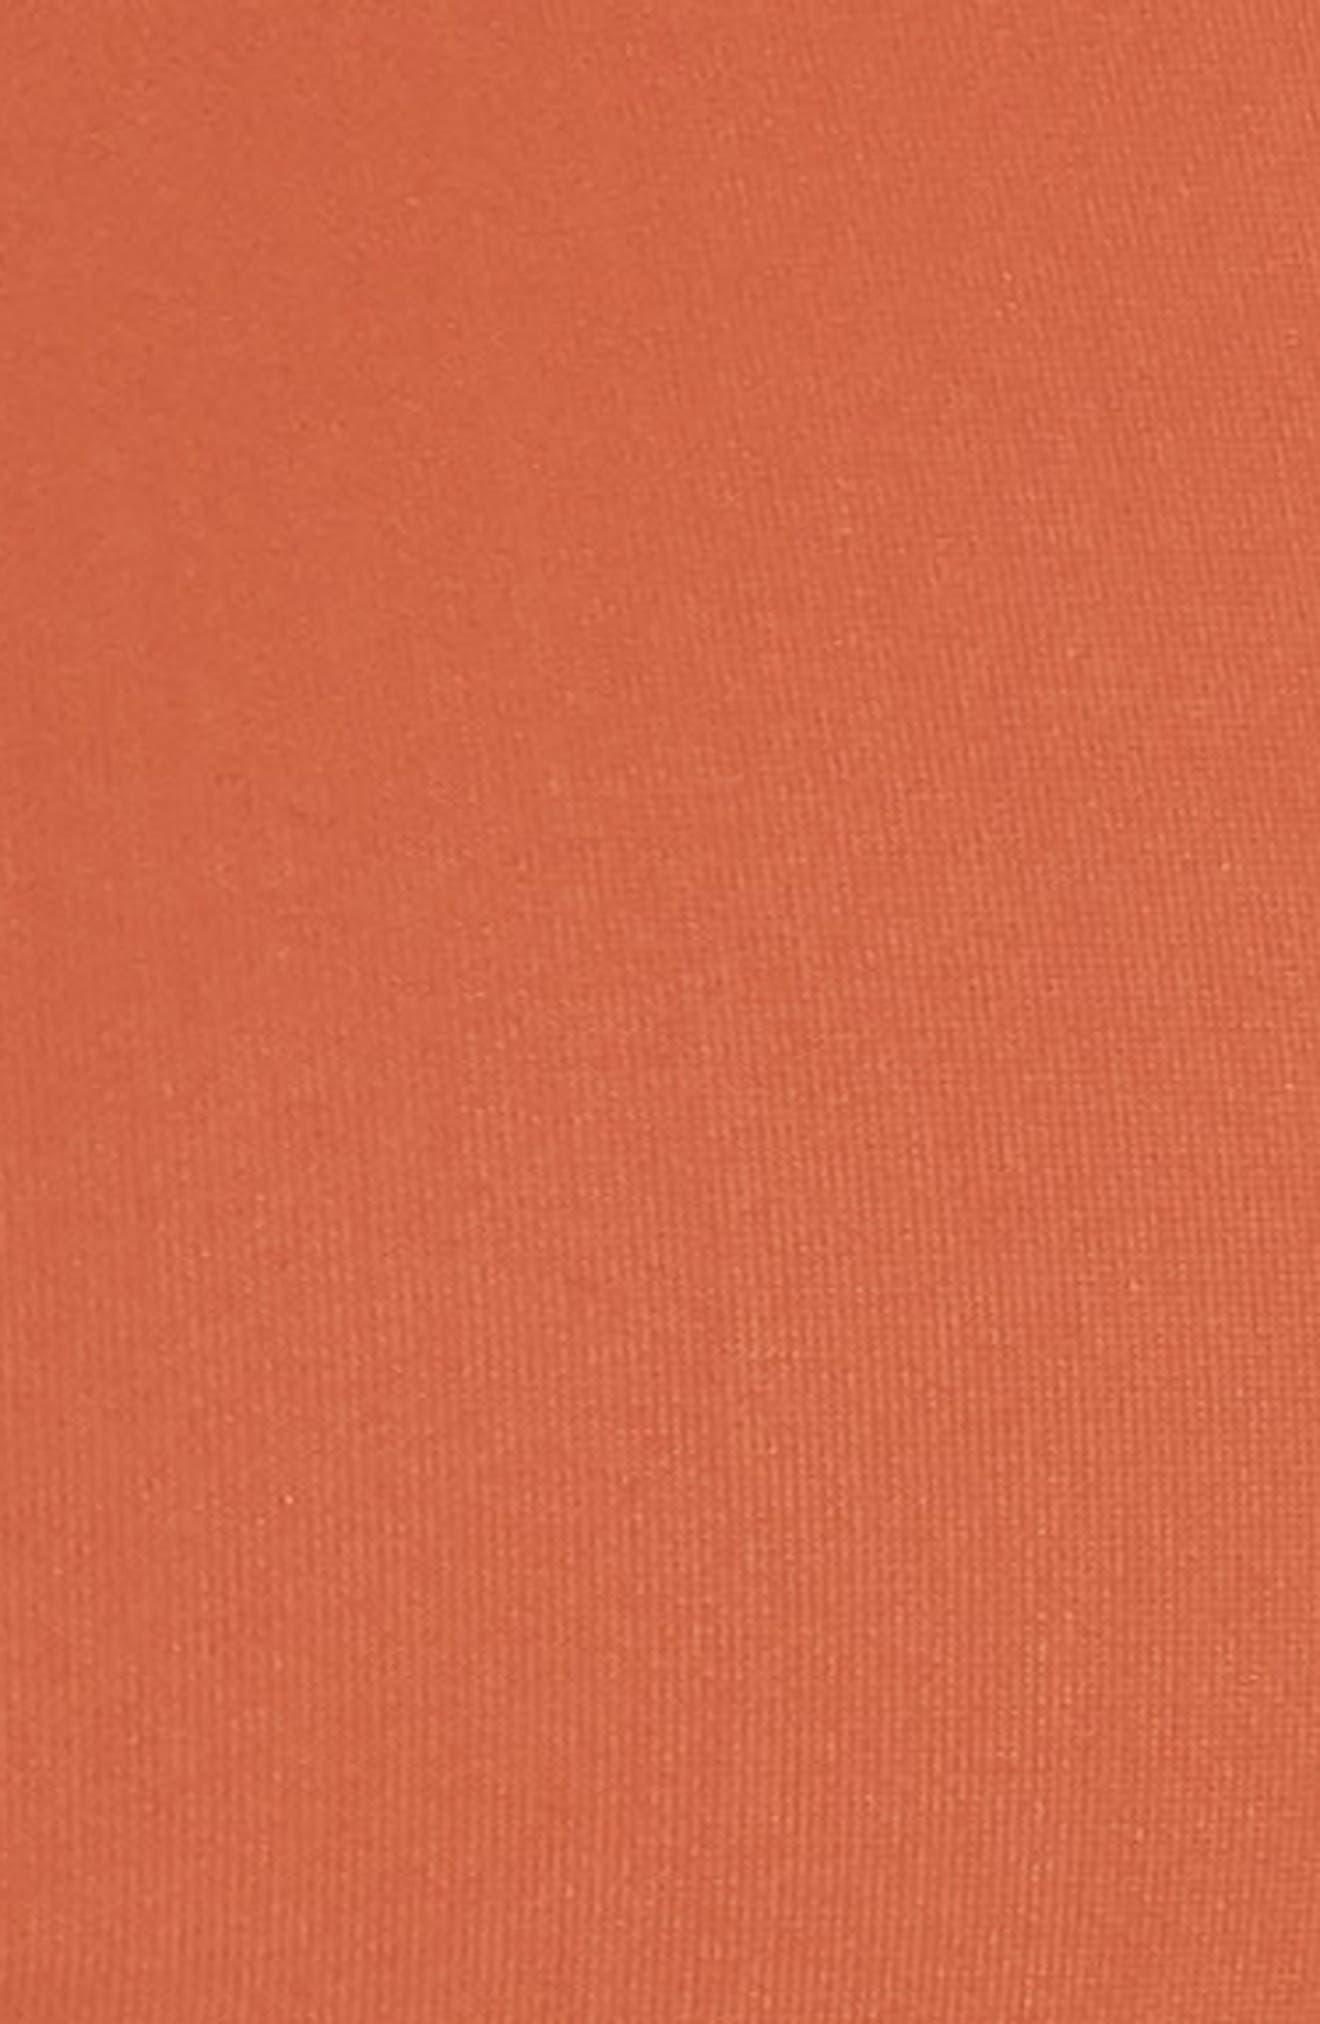 Palma Bikini Top,                             Alternate thumbnail 6, color,                             DESERT SPICE